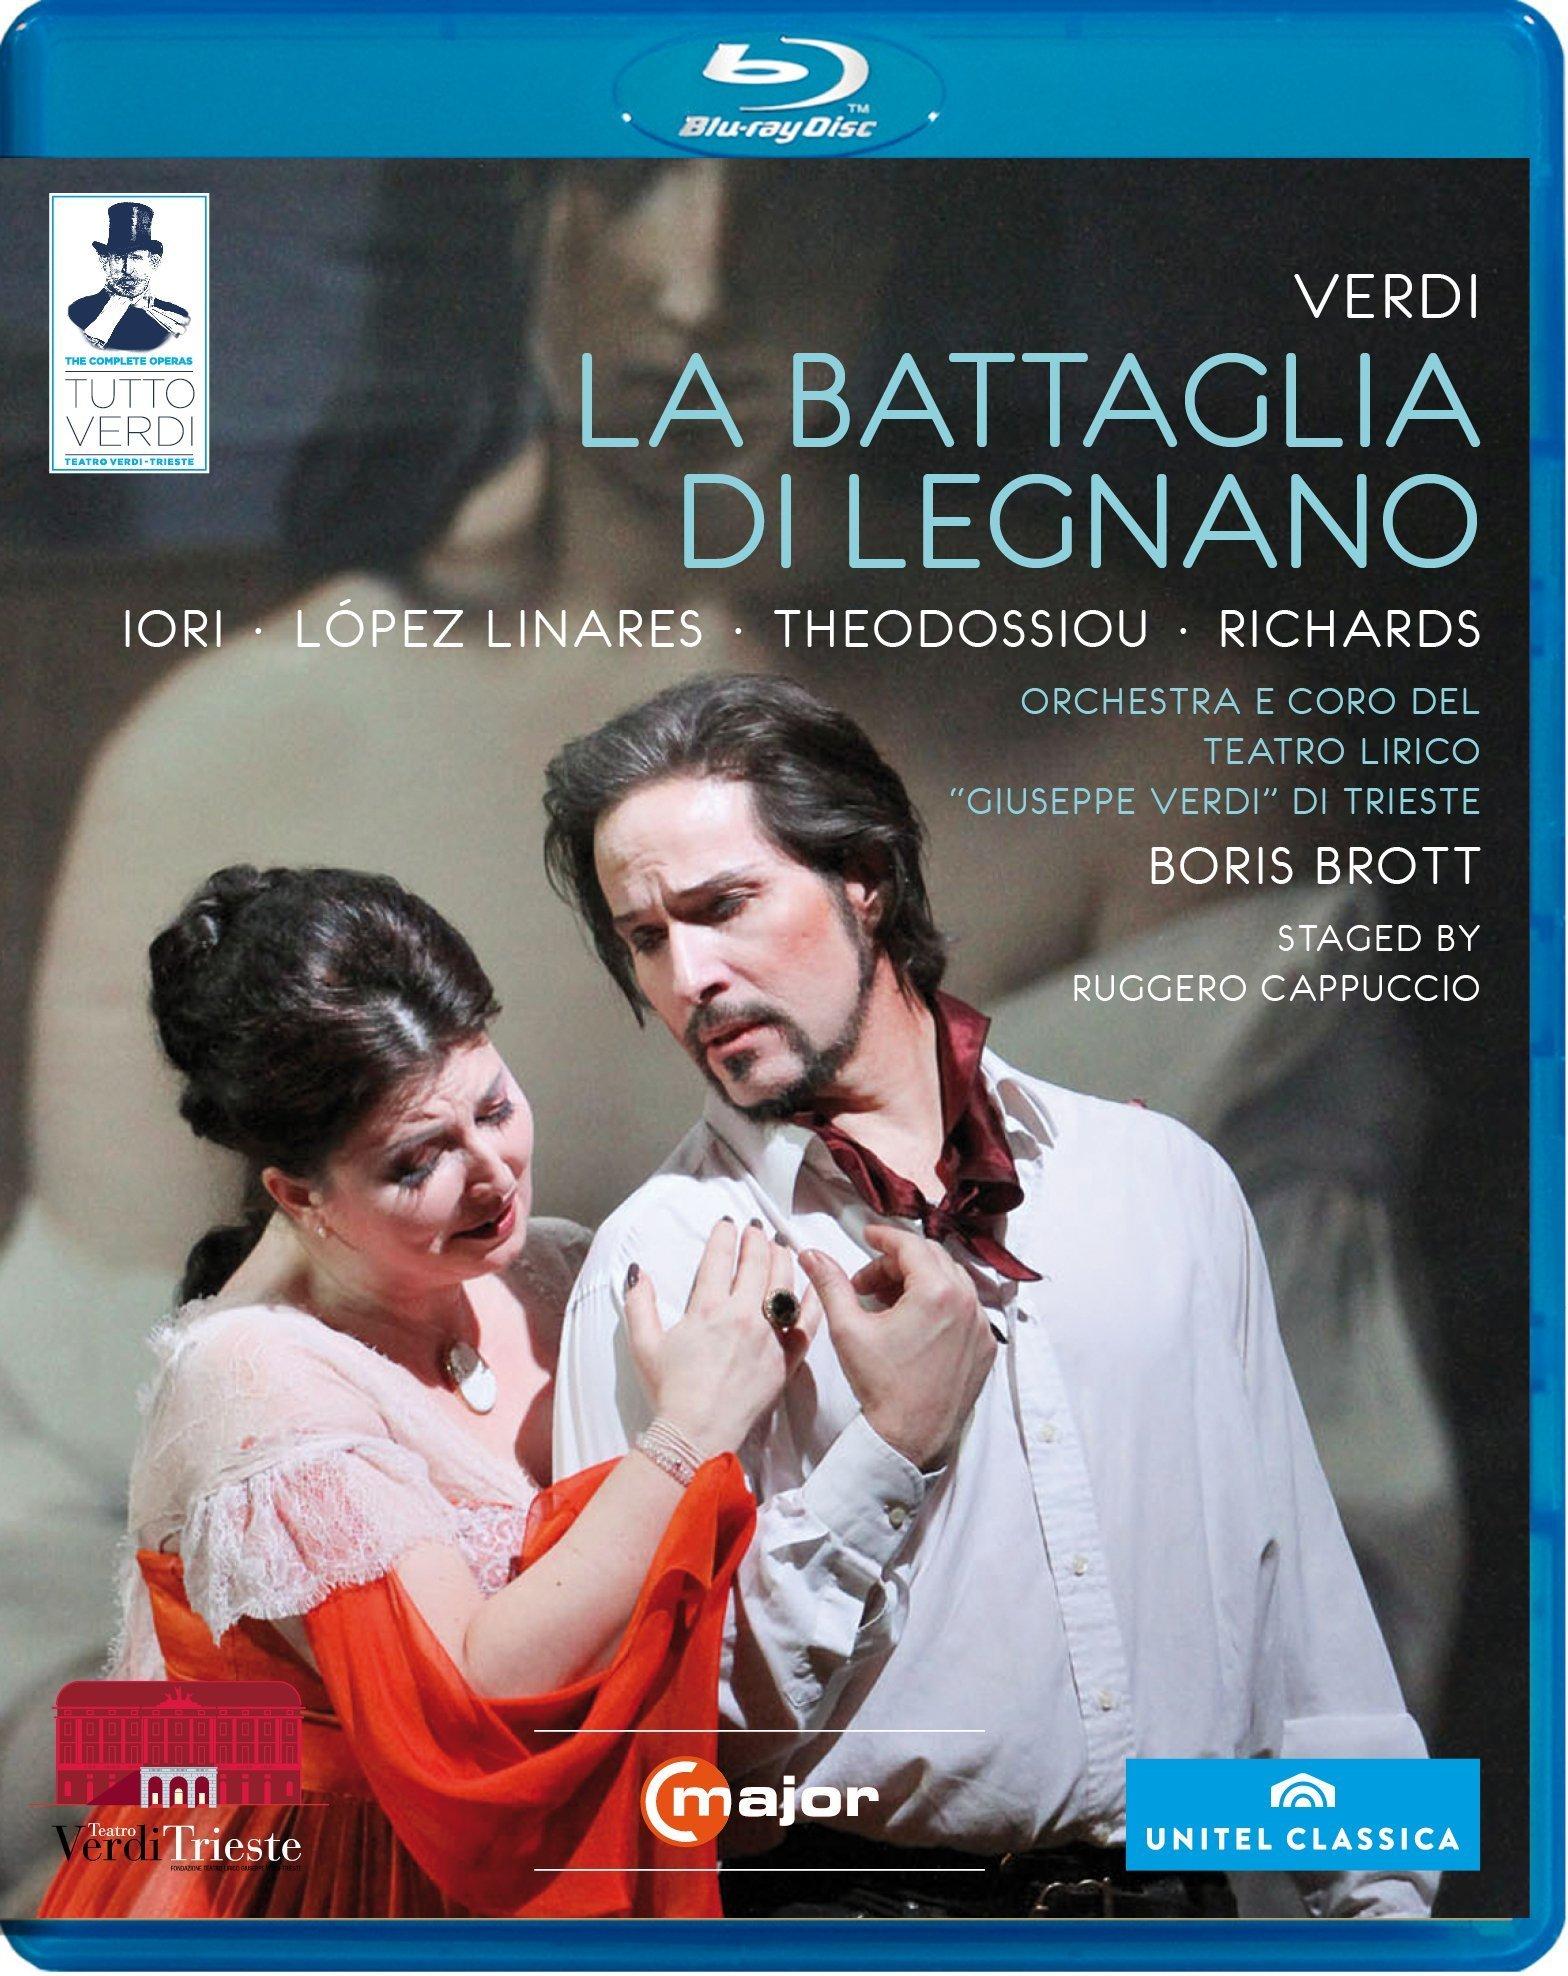 Enrico Giuseppe Iori - La Battaglia Di Legnano (Blu-ray)